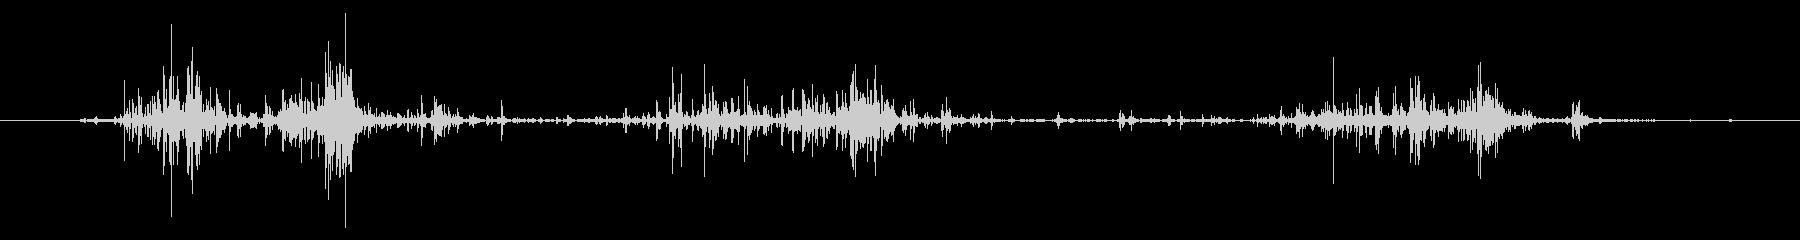 タブレッド菓子を出す音3モノラルの未再生の波形